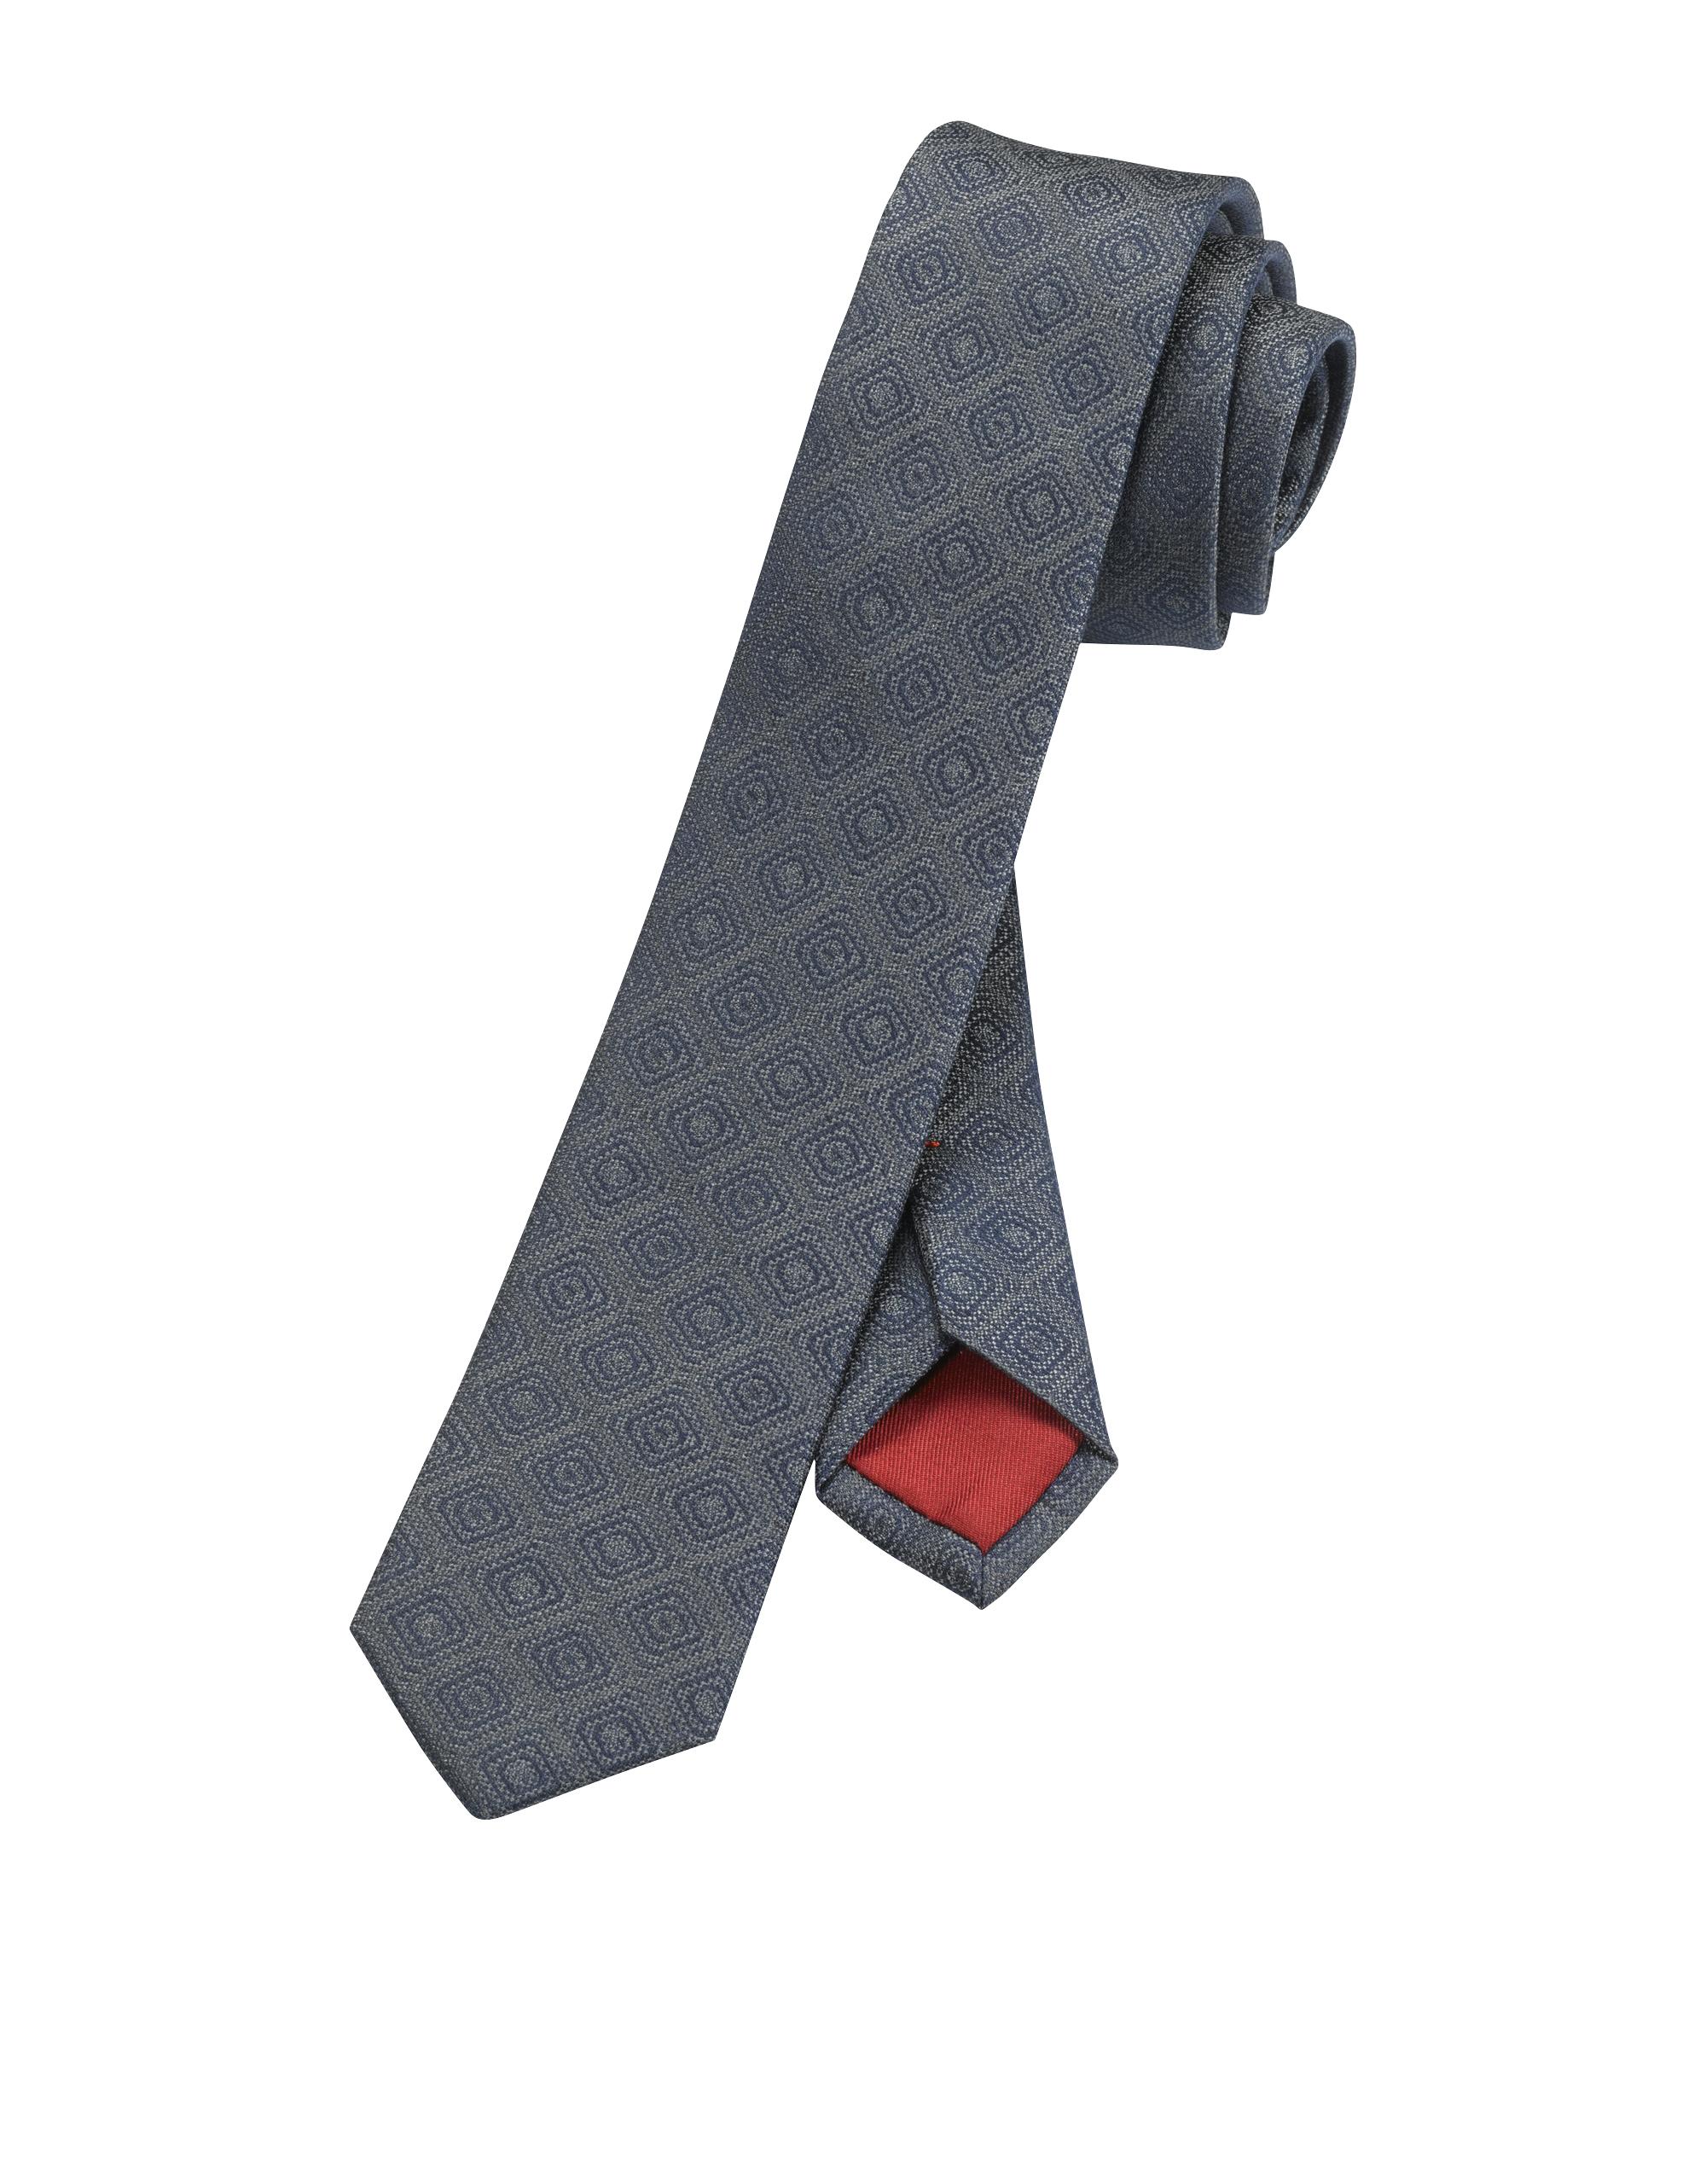 OLYMP  Krawatte, Schlamm, | Accessoires > Krawatten | OLYMP